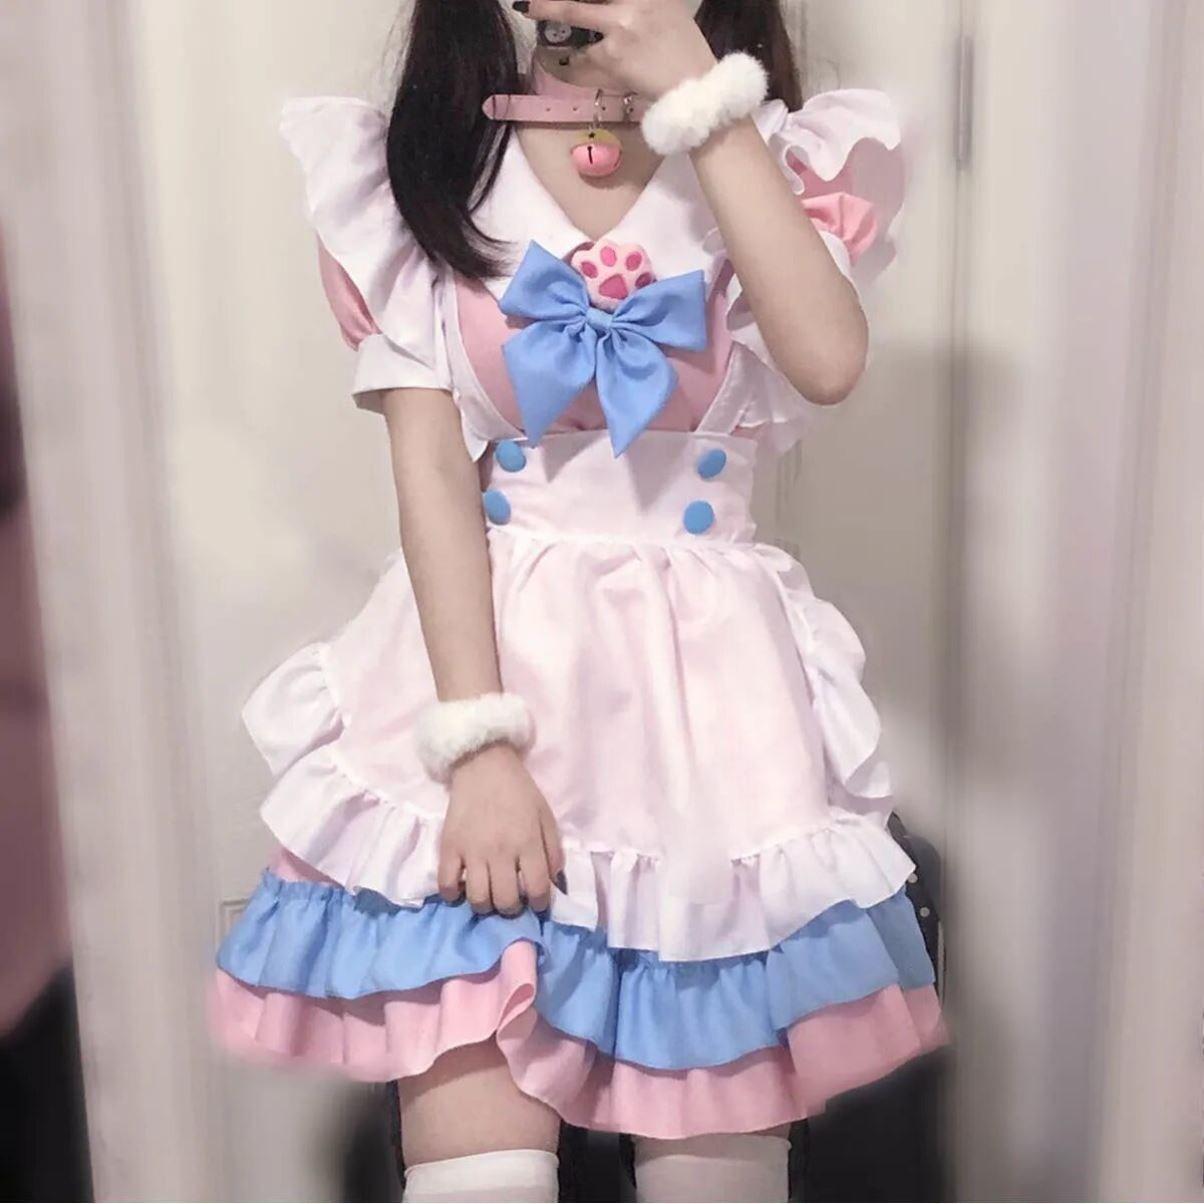 S-4XL大码女仆装 超萌大蝴蝶结洛丽塔连衣裙 女装大佬粉蓝可爱裙